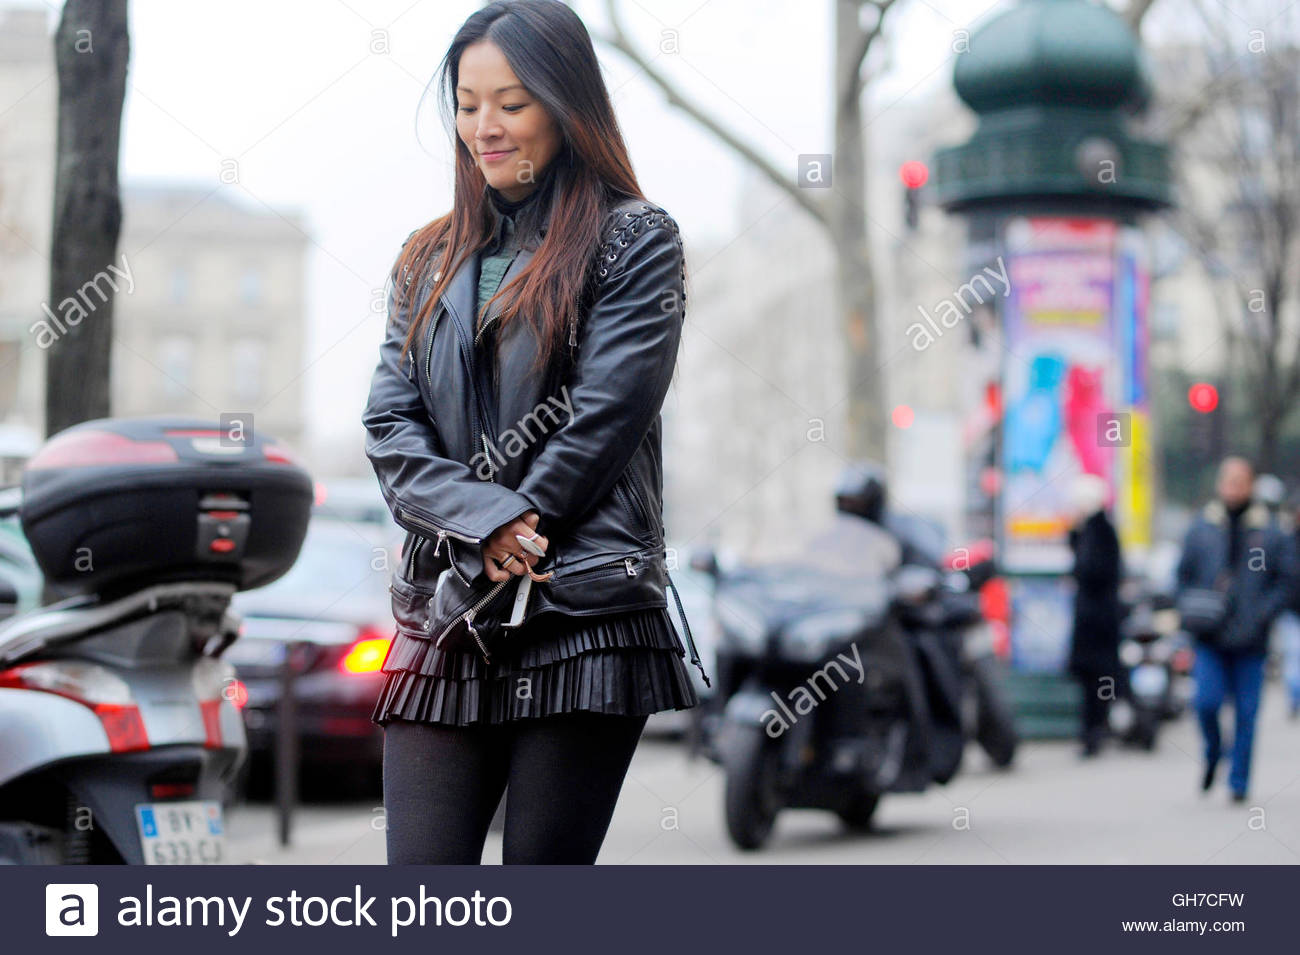 Tina Leung in Paris during Paris Fashion Week. - Stock Image